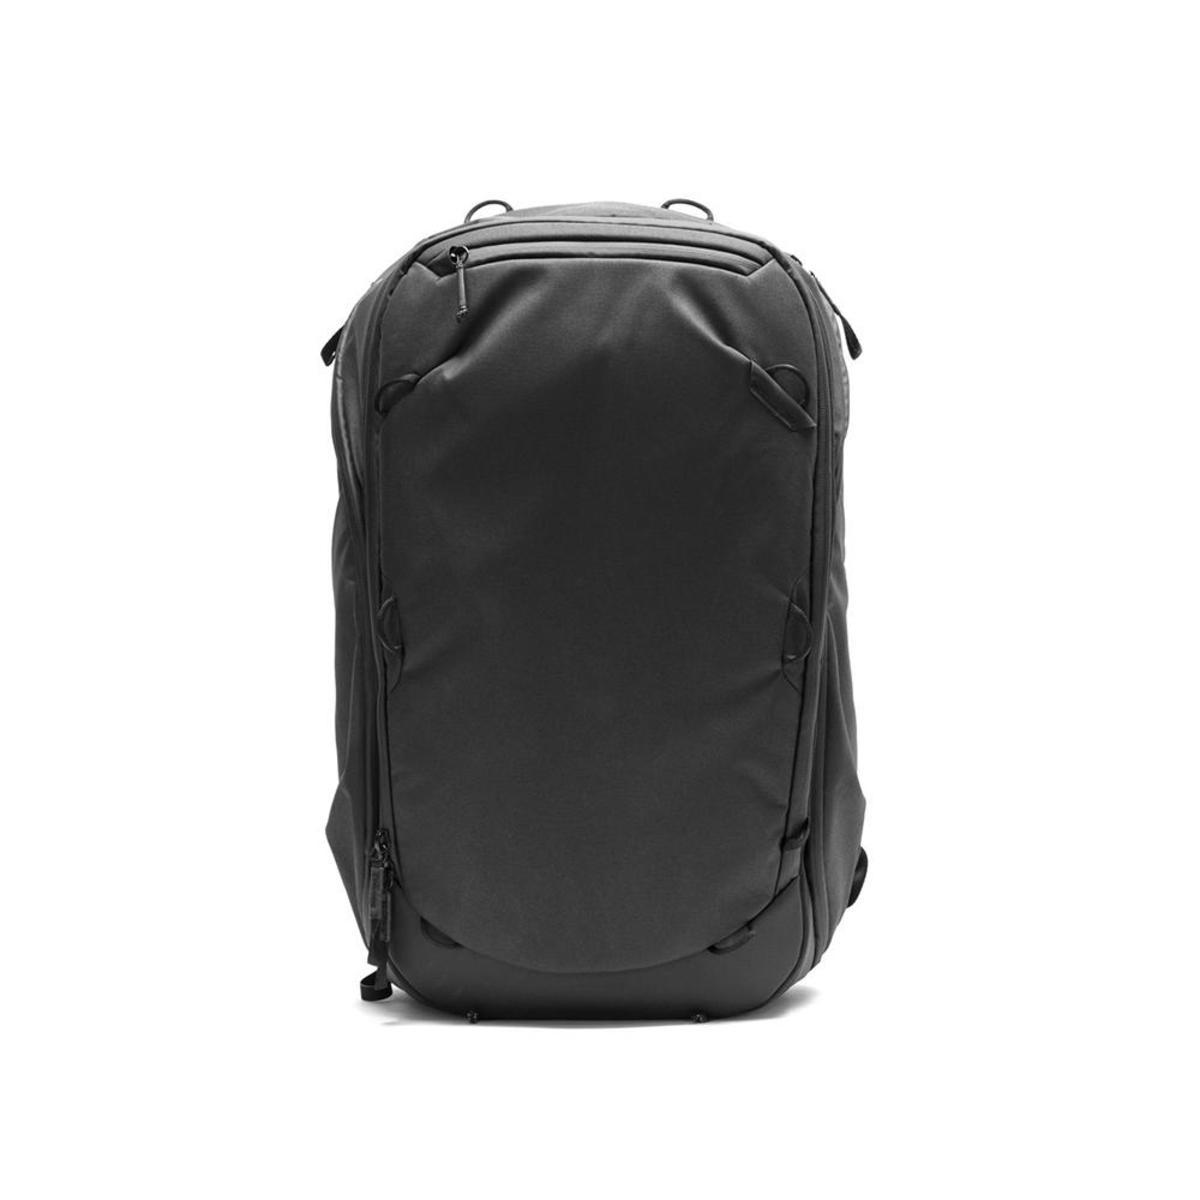 TRAVEL BACKPACK 45L Black